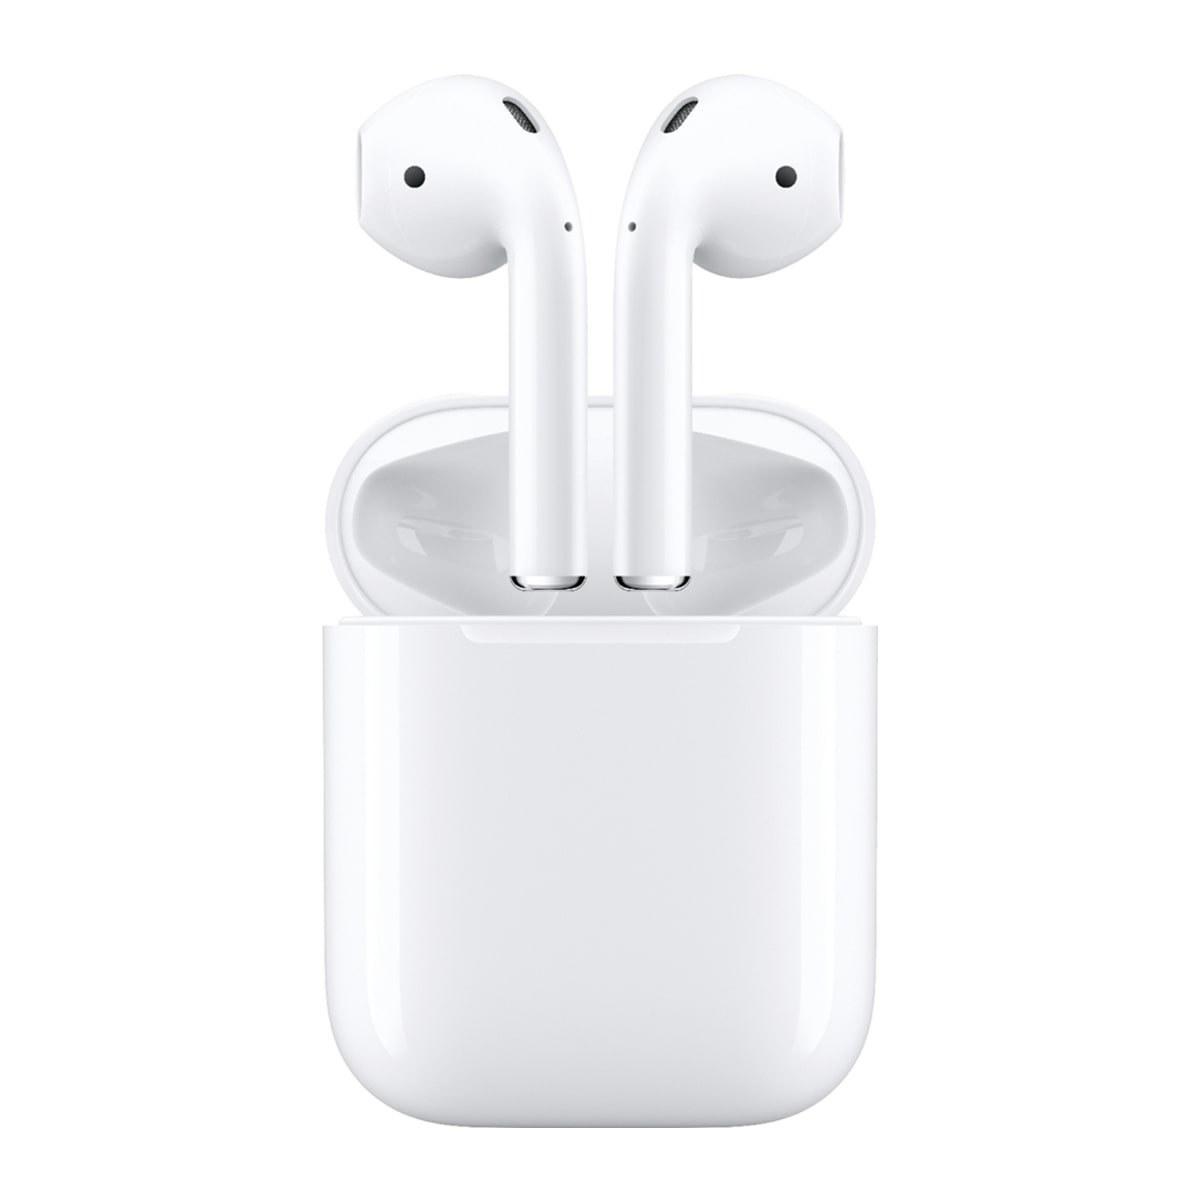 تصویر هدفون اپل ایرپاد 2 AirPods  Apple AirPods 2 Wireless Headset